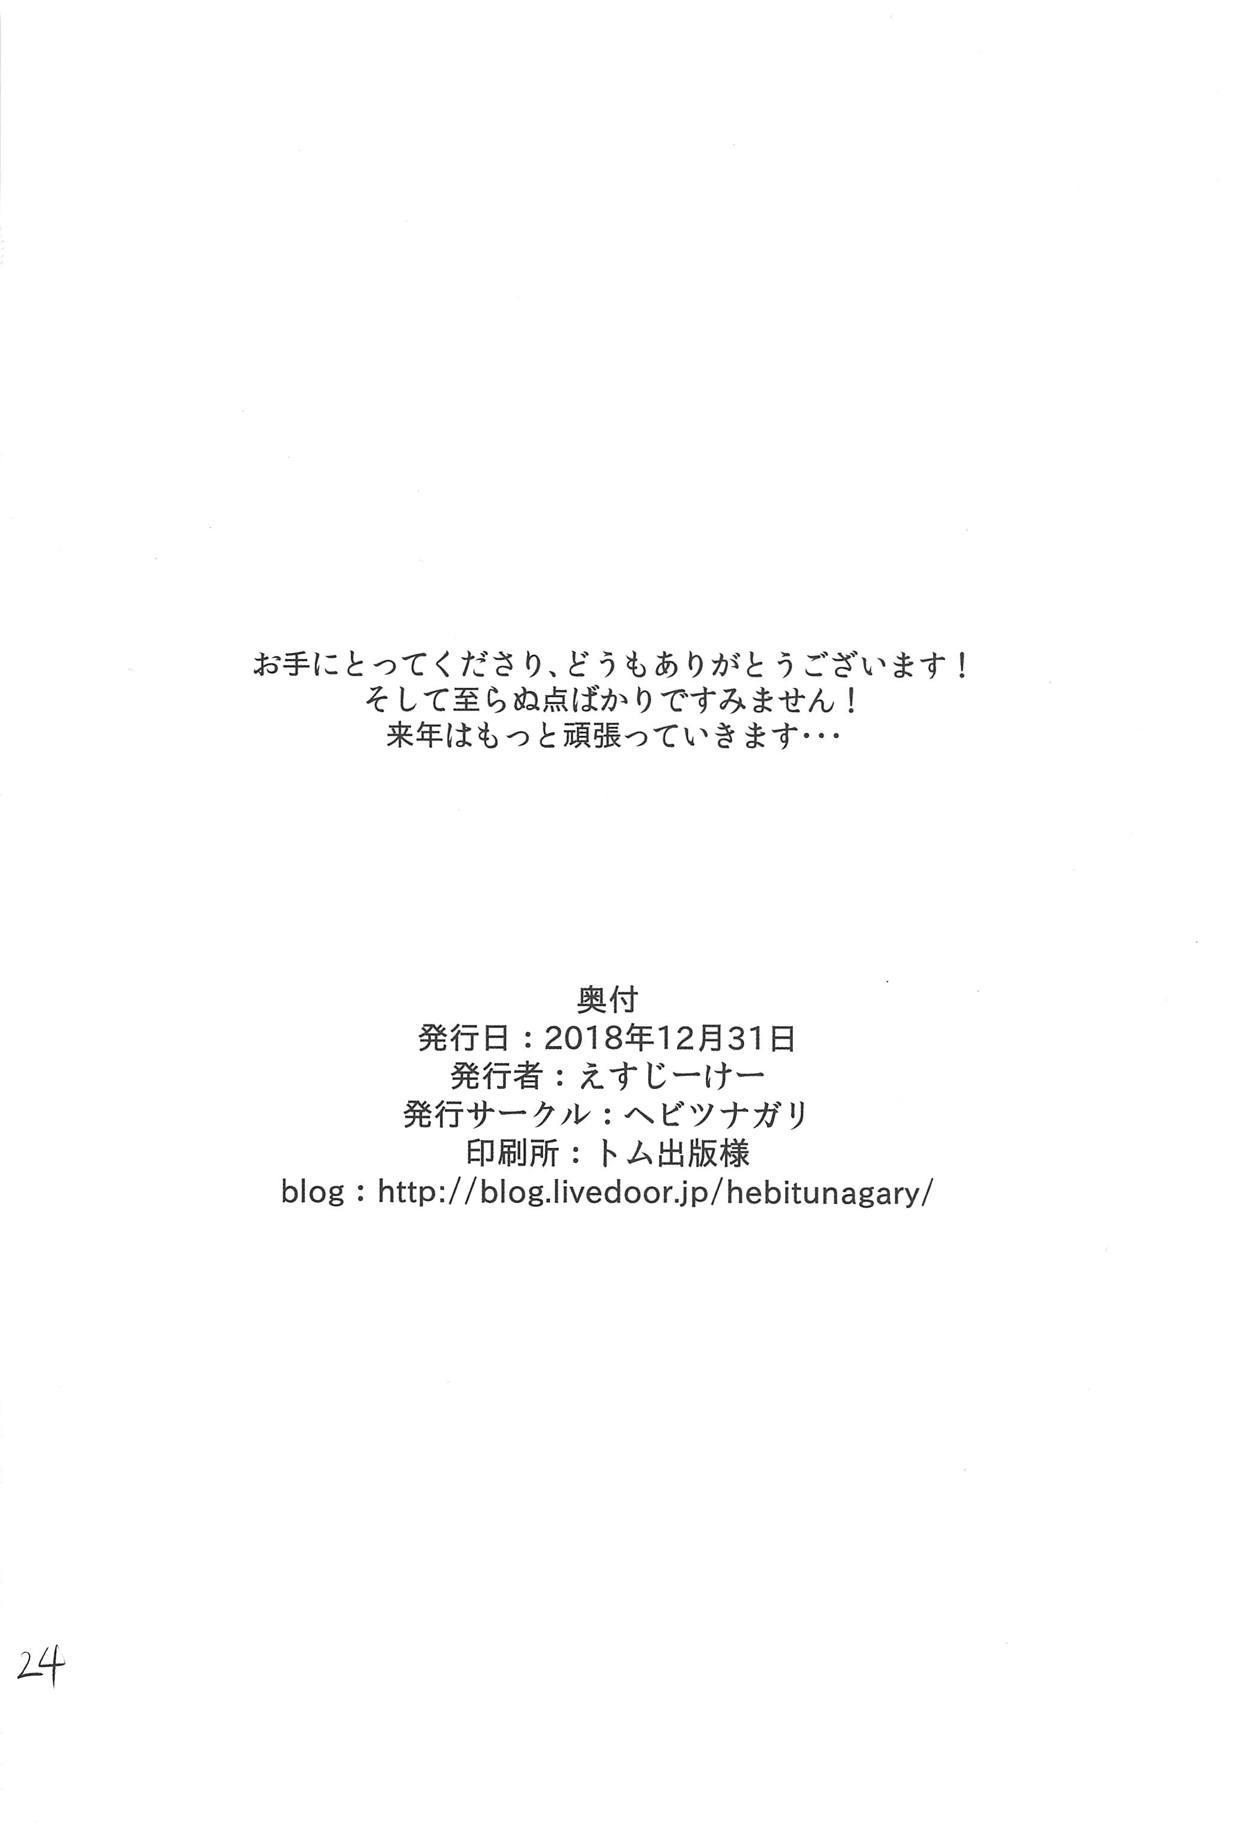 Midgar de Baishun Shitetara Gattsuri Otosareta Ken 24